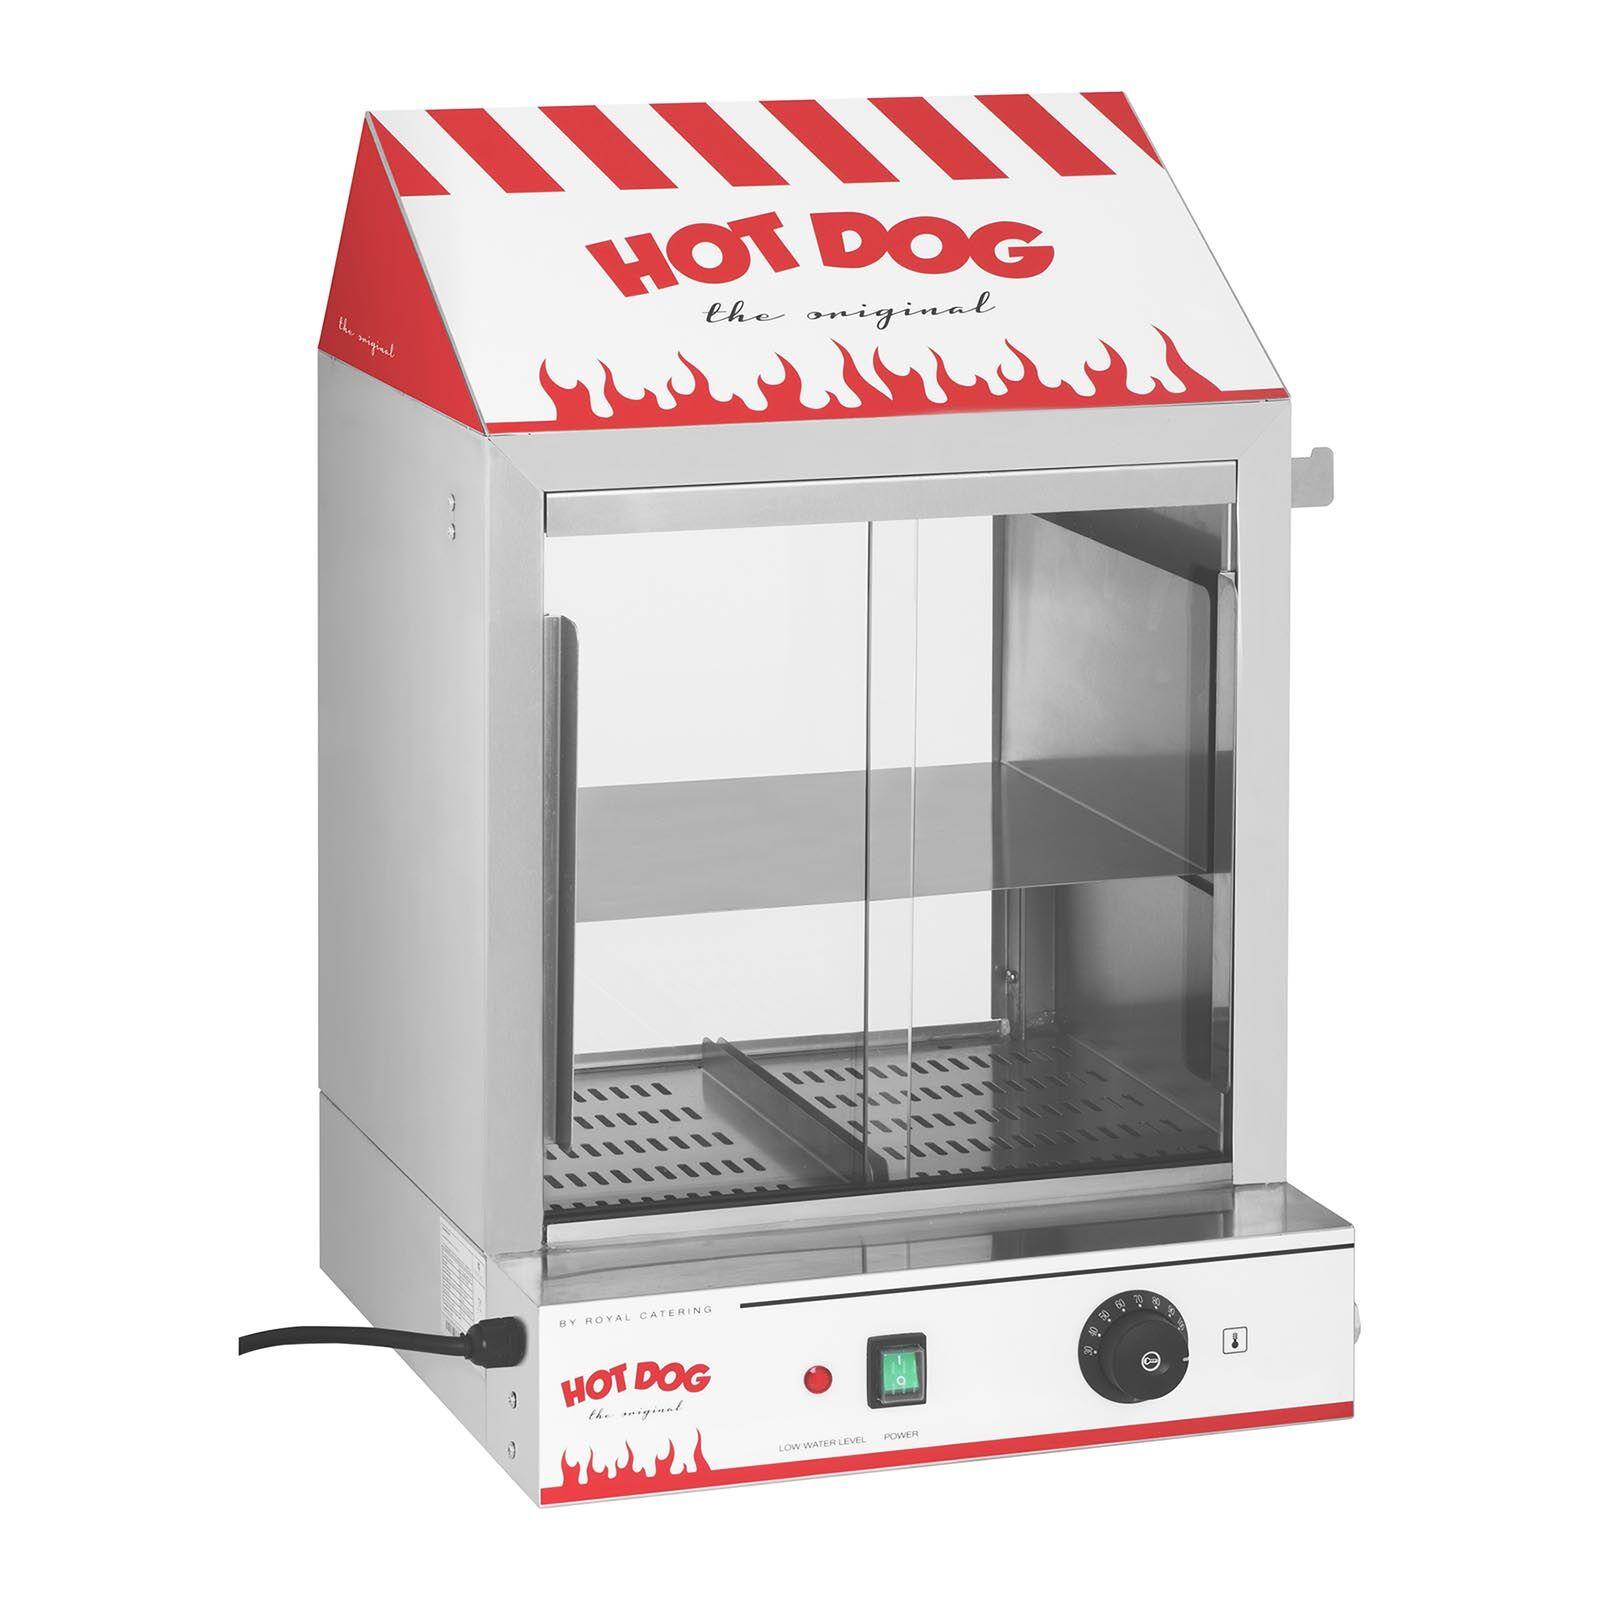 Royal Catering Cuiseur à vapeur hot-dogs - 2 000 W